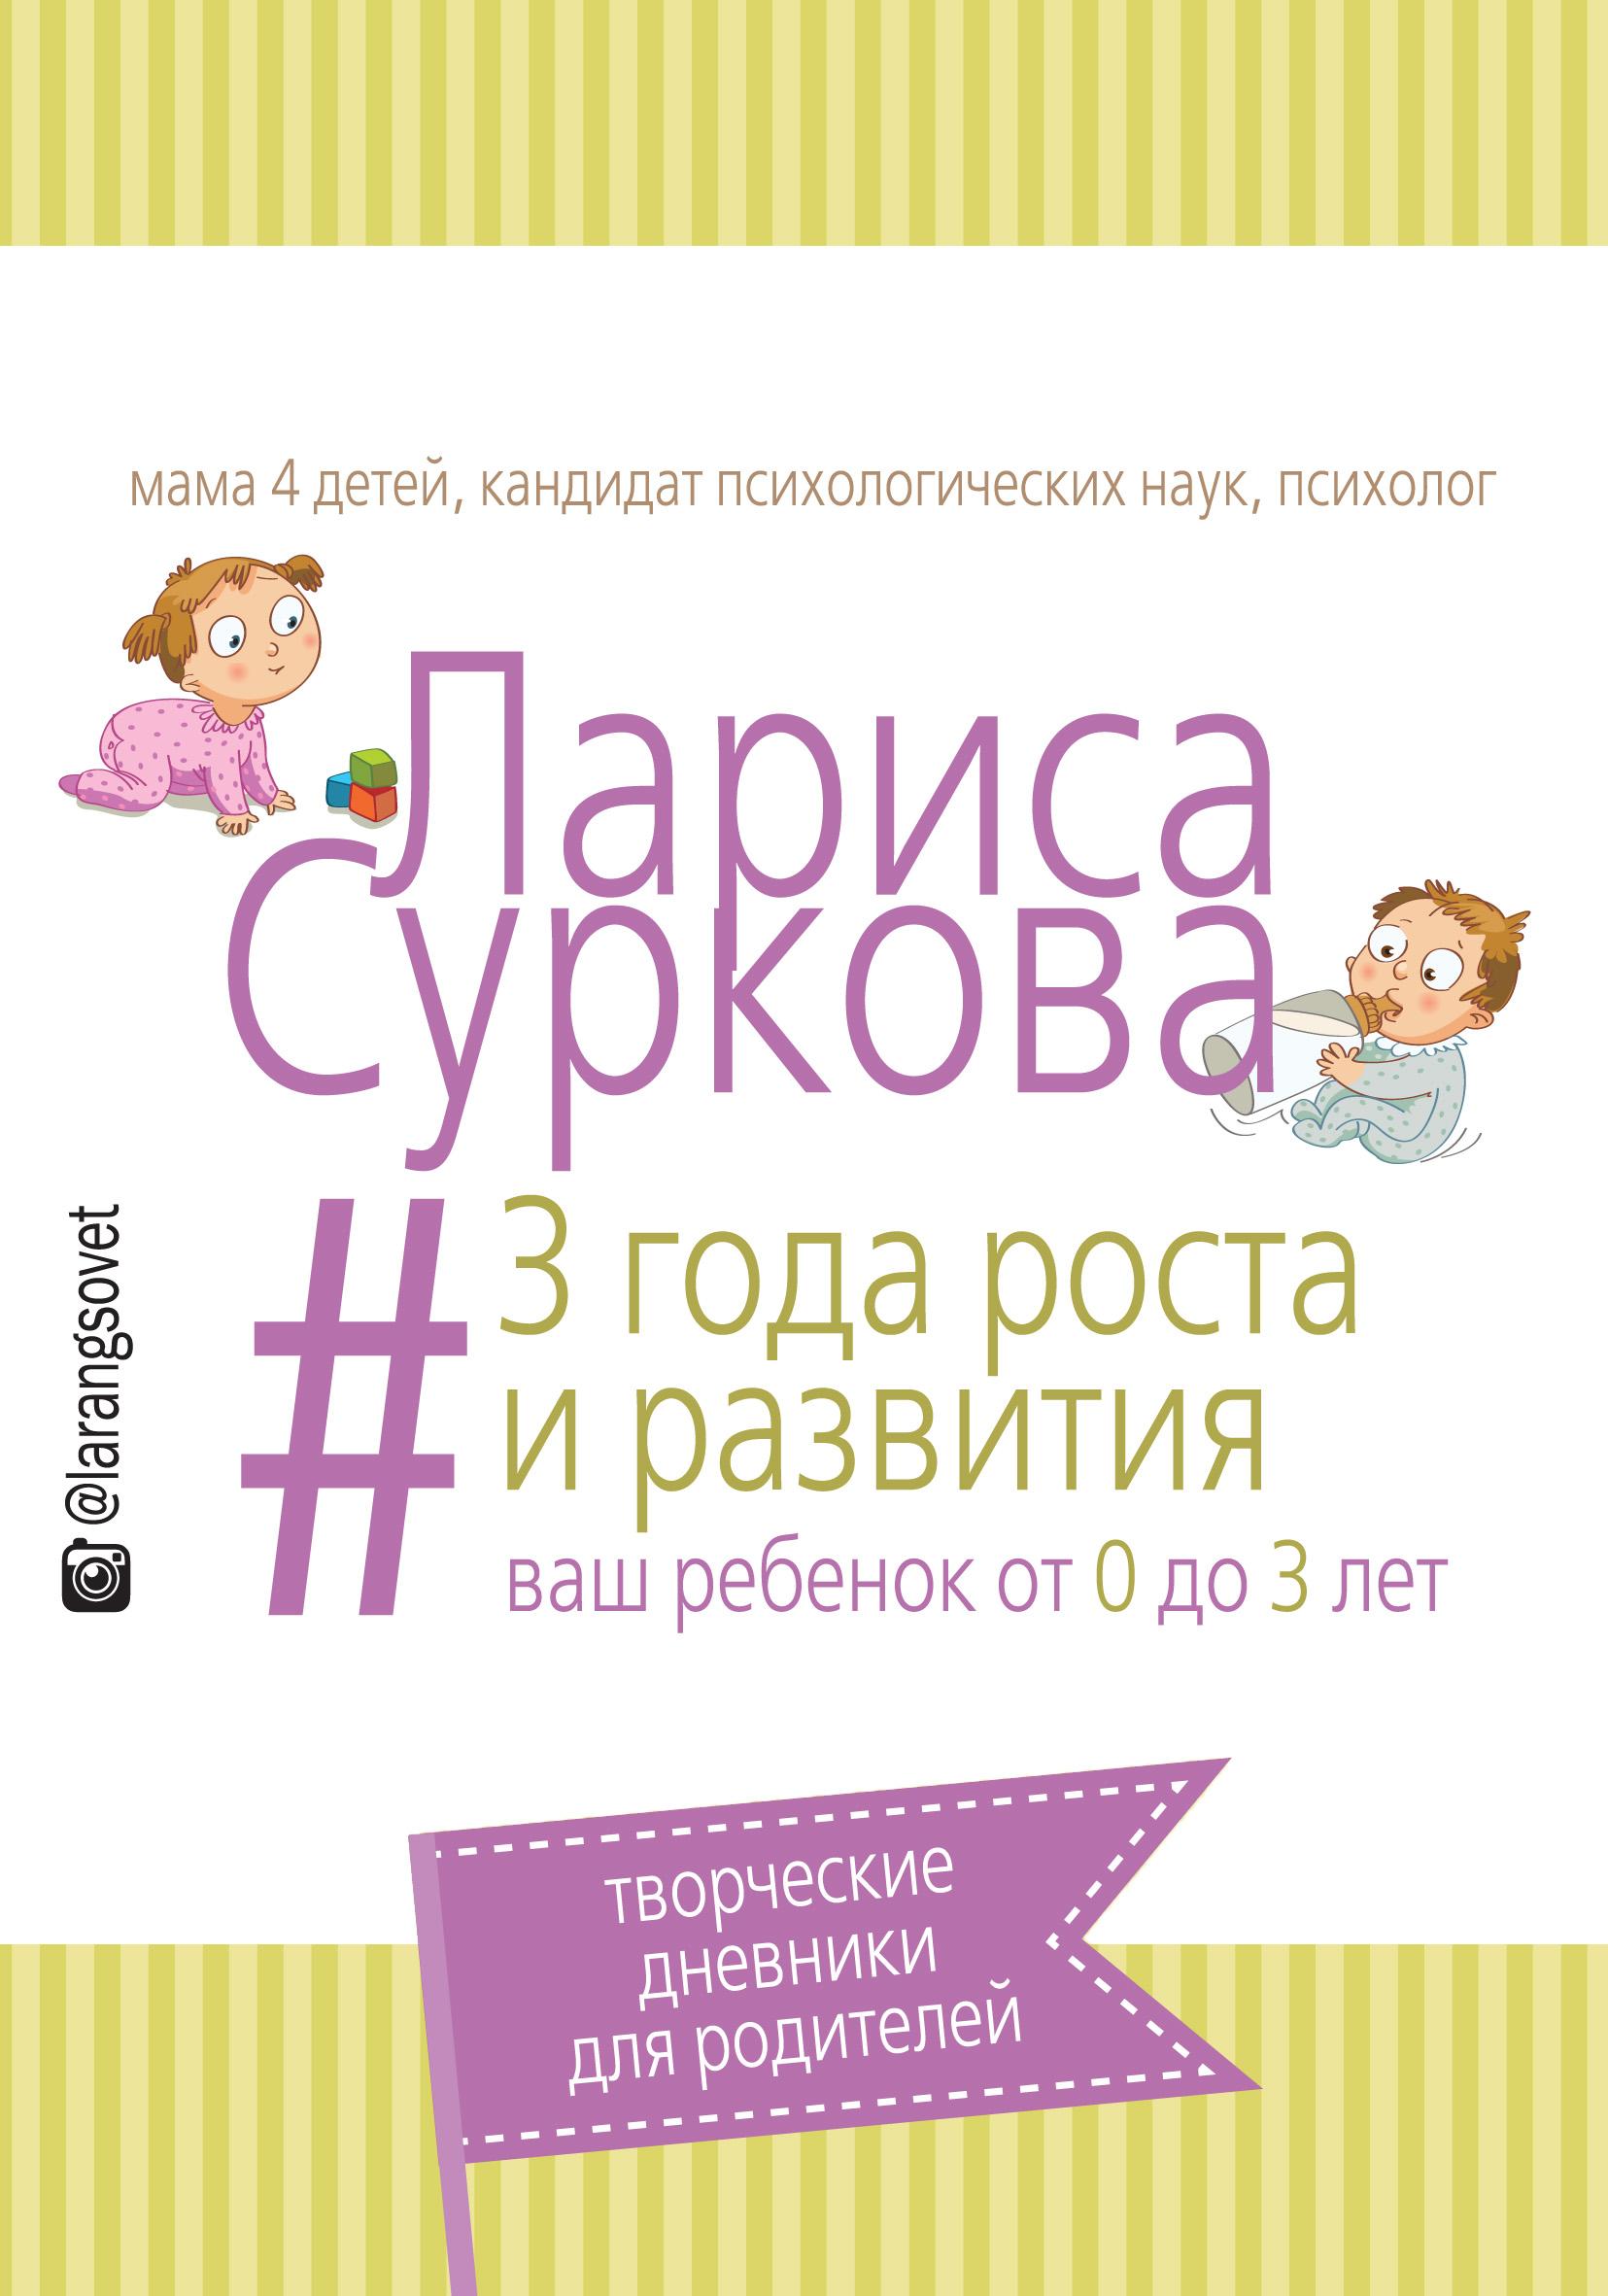 Лариса Суркова 3 года роста и развития. Ваш ребенок от 0 до 3 лет отсутствует ваш кроха большая энциклопедия развития и воспитания ребенка от 0 до 7 лет